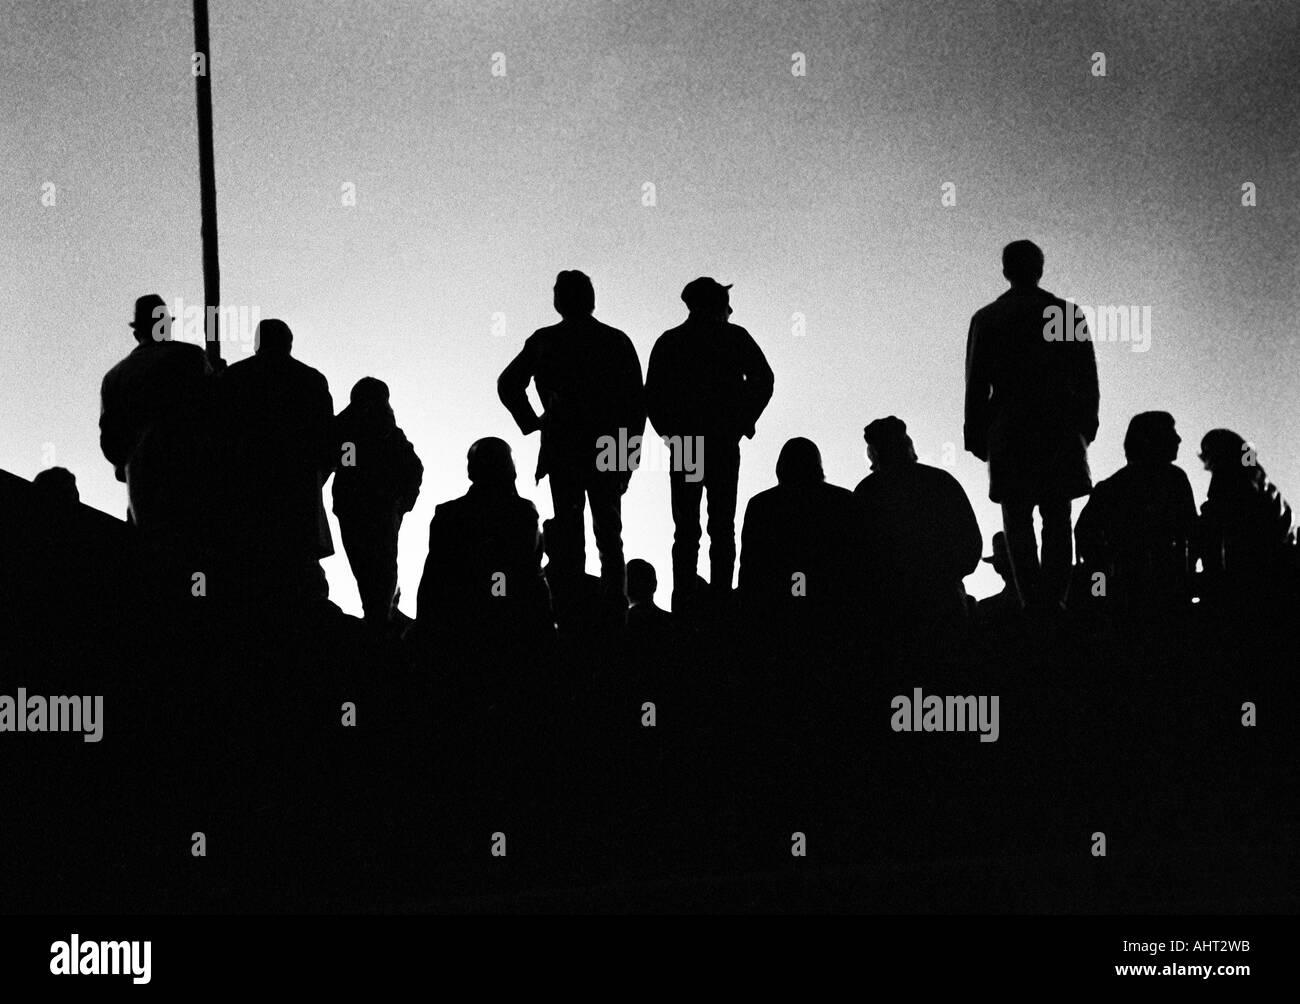 football, Bundesliga, 1970/1971, Niederrhein Stadium in Oberhausen, Rot-Weiss Oberhausen versus FC Bayern Munich 0:4, floodlights match, football fans, backlight, silhouette - Stock Image